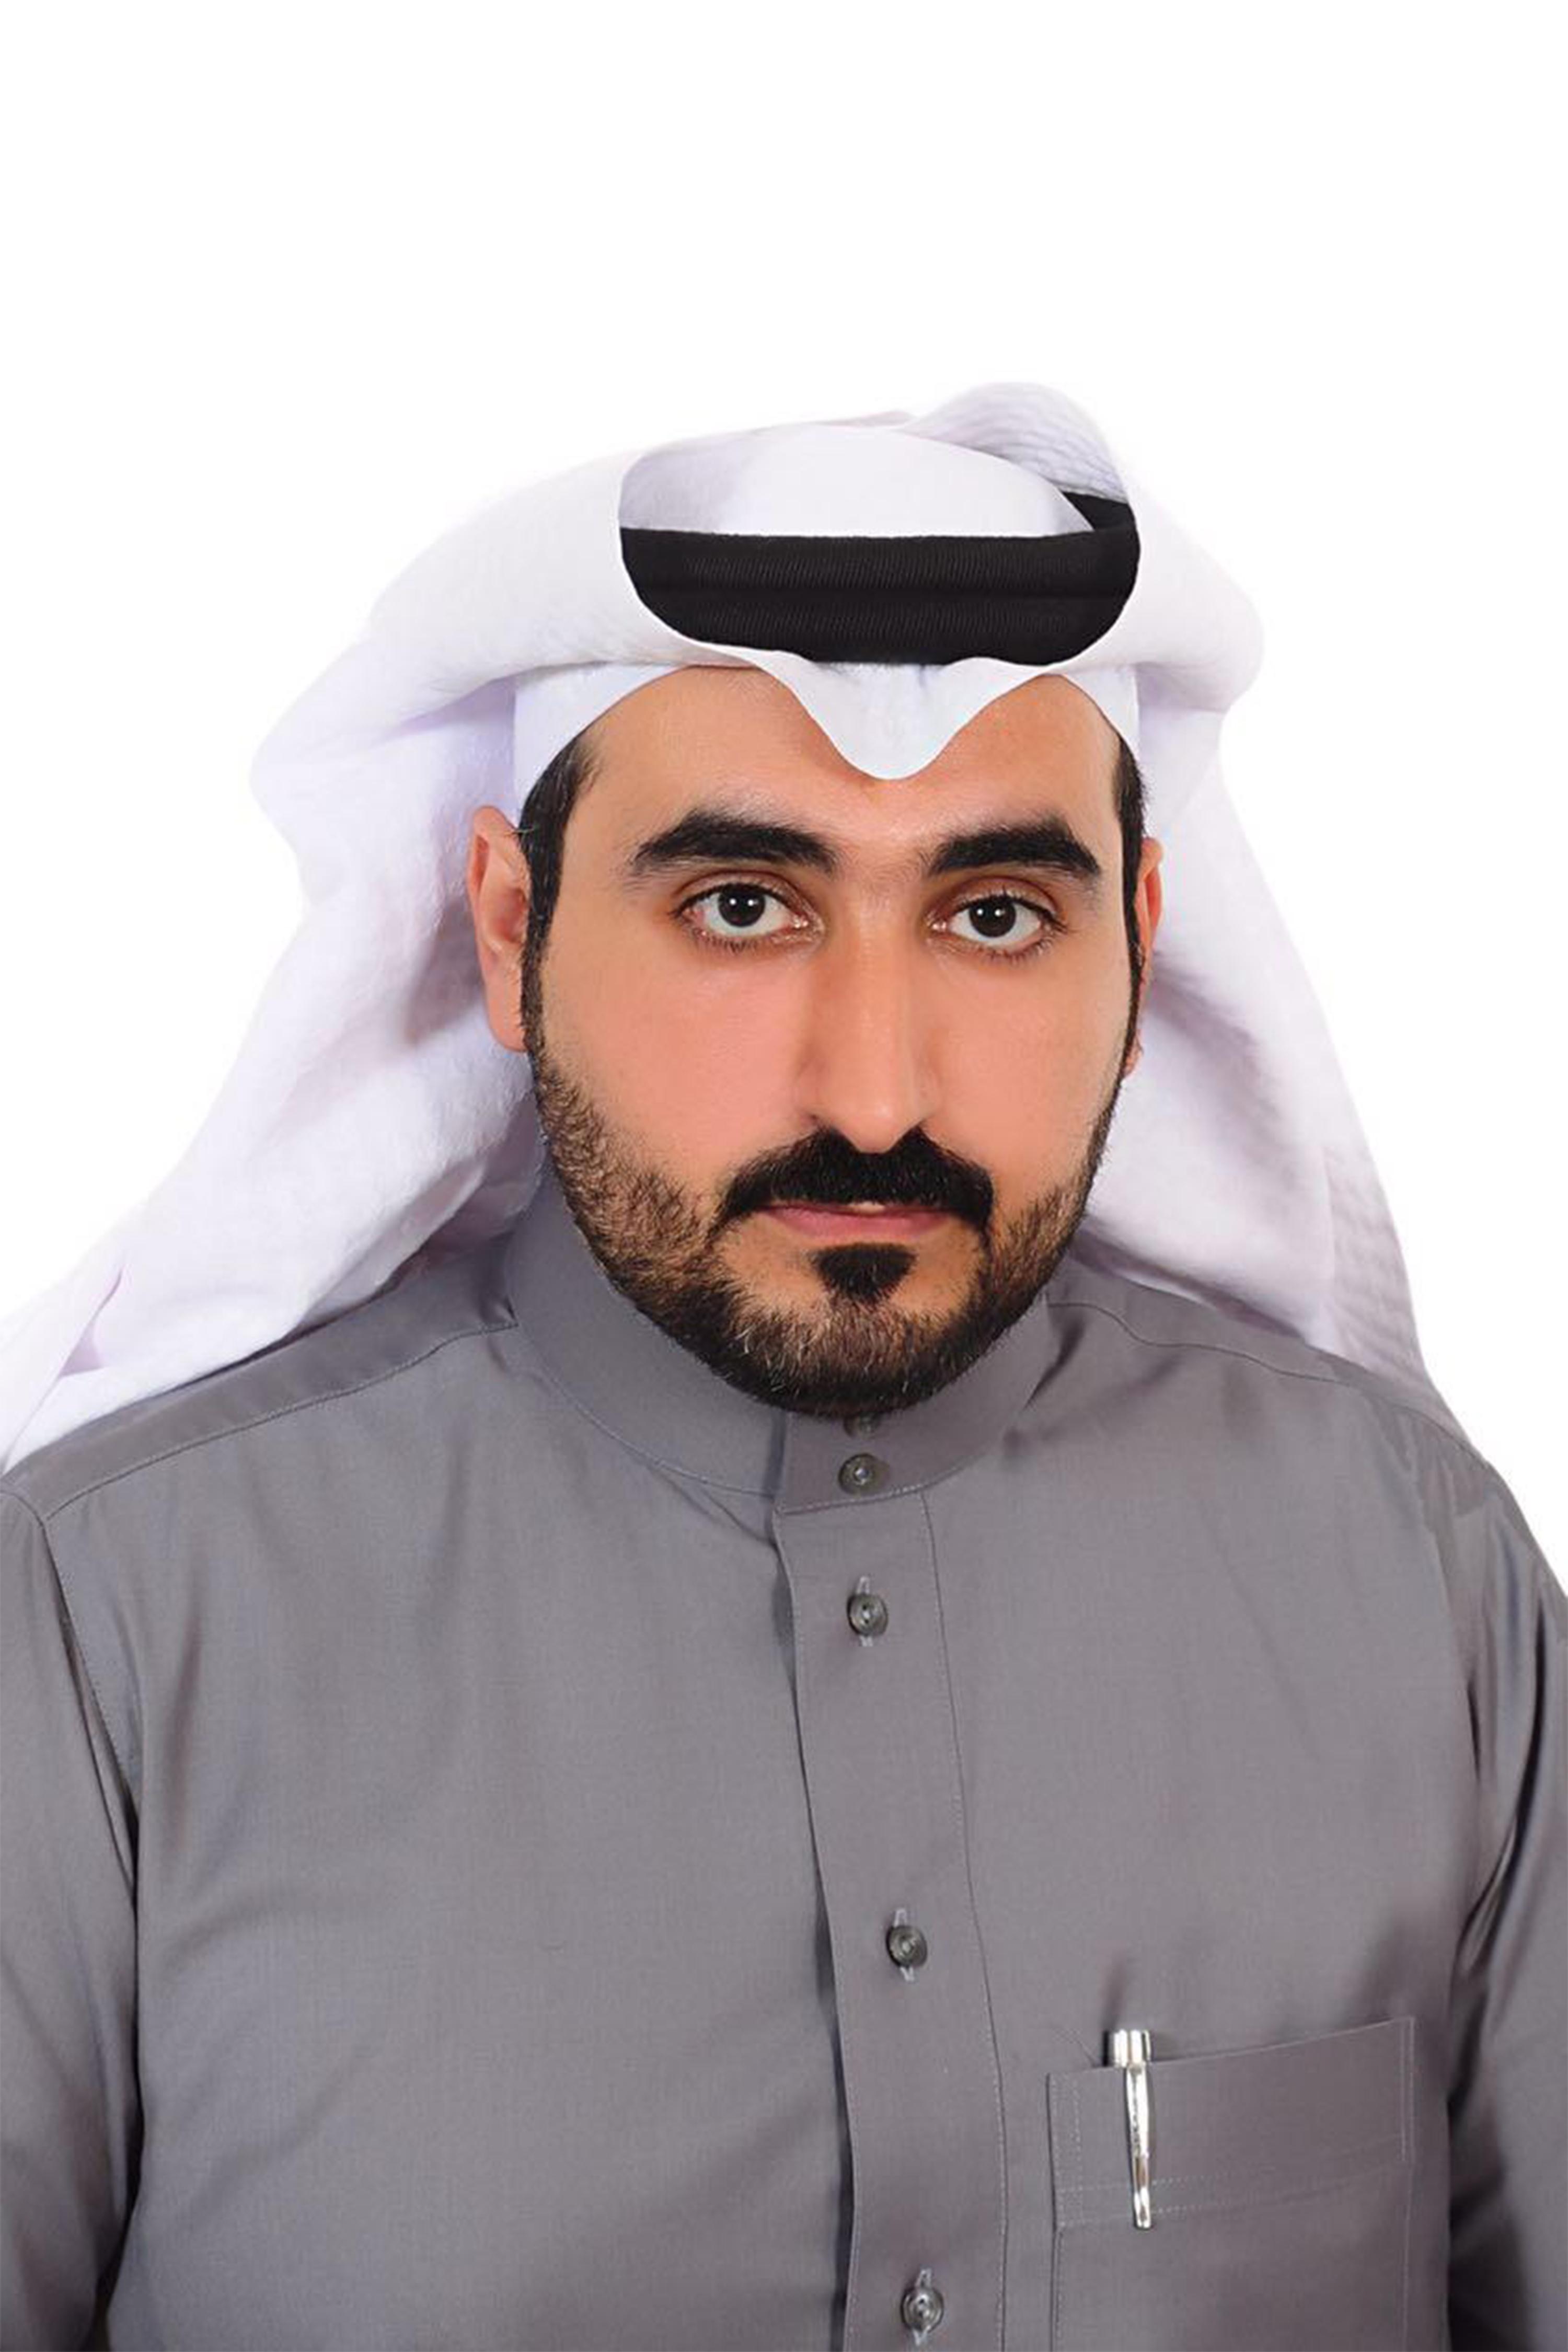 Dr. Fawaz S. Al Qahtani